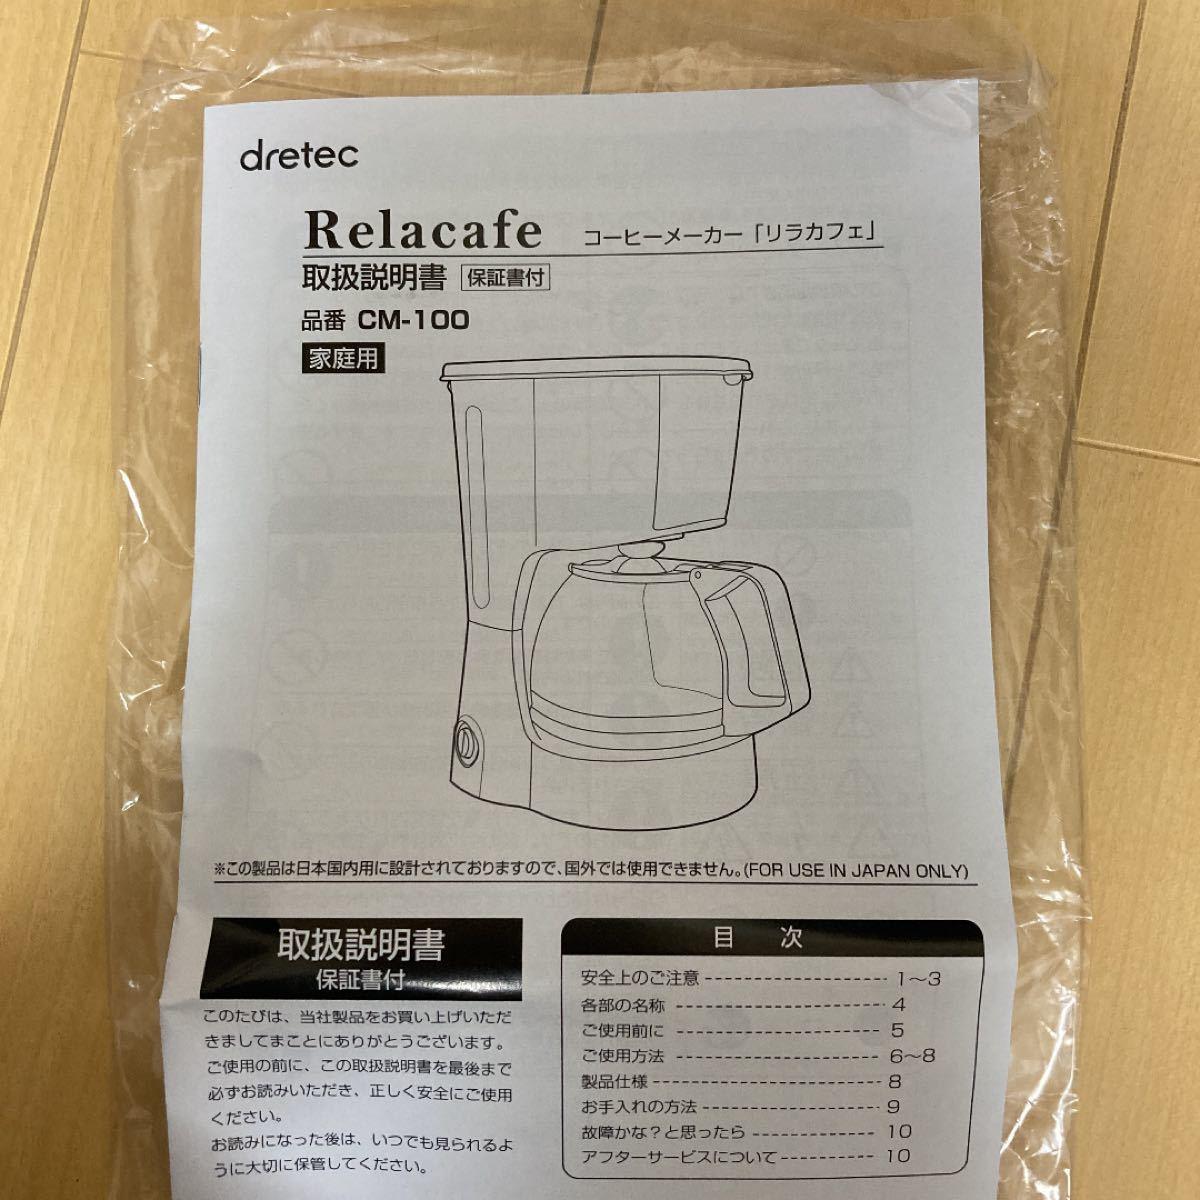 コーヒーメーカー リラカフェ dretec CM-100